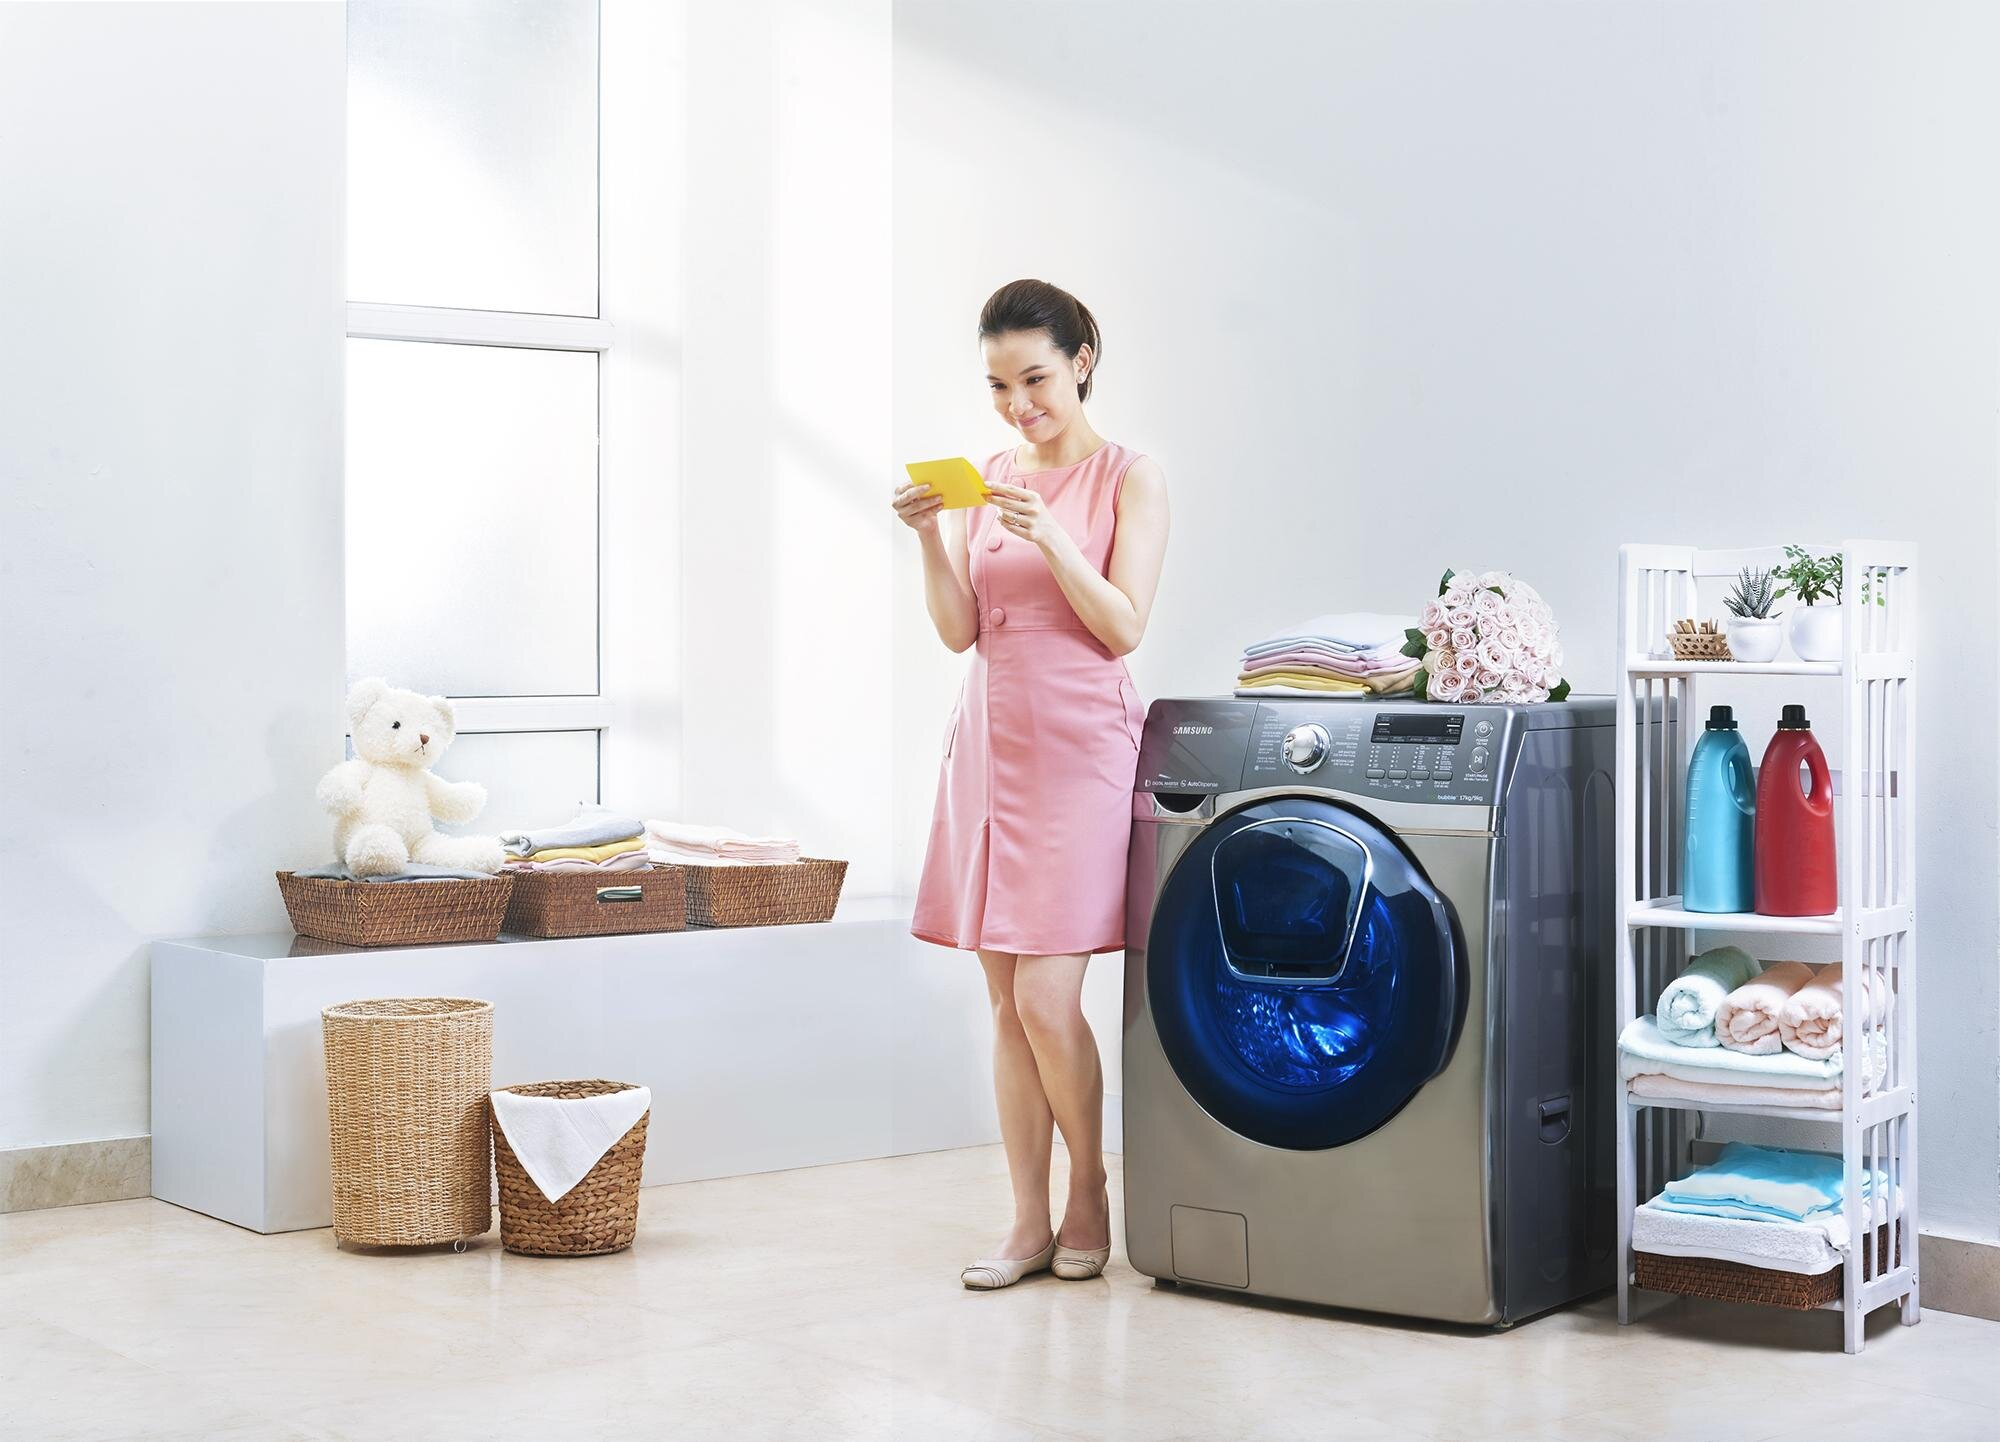 Với máy giặt cửa ngang, hãy lấy quần áo ra và chờ có điện để tiếp tục chương trình giặt.